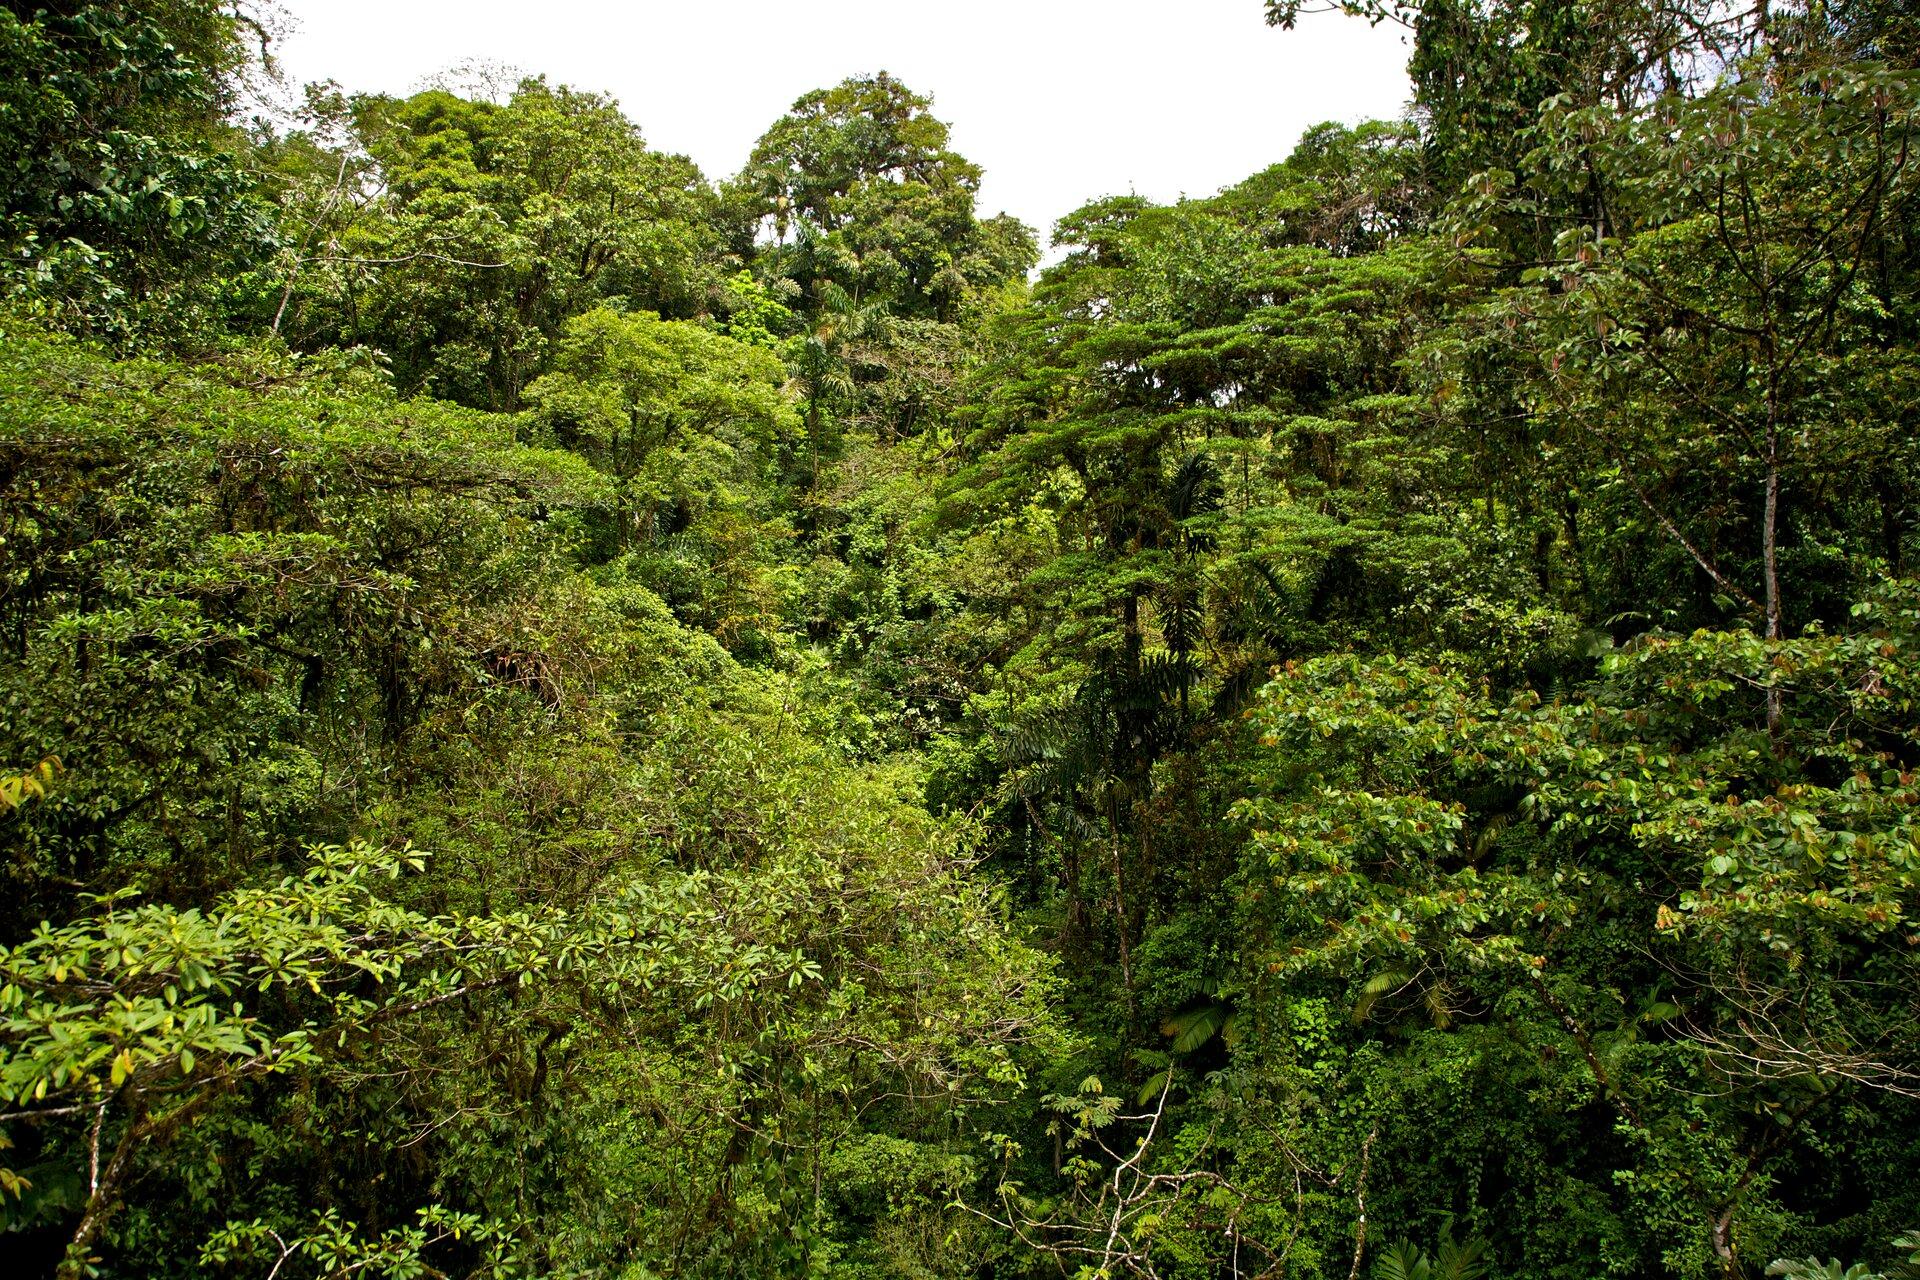 Korony drzew liściastych. Drzewa rosną bardzo gęsto. Tworzą piętrowy układ. Widoczne pnącza.